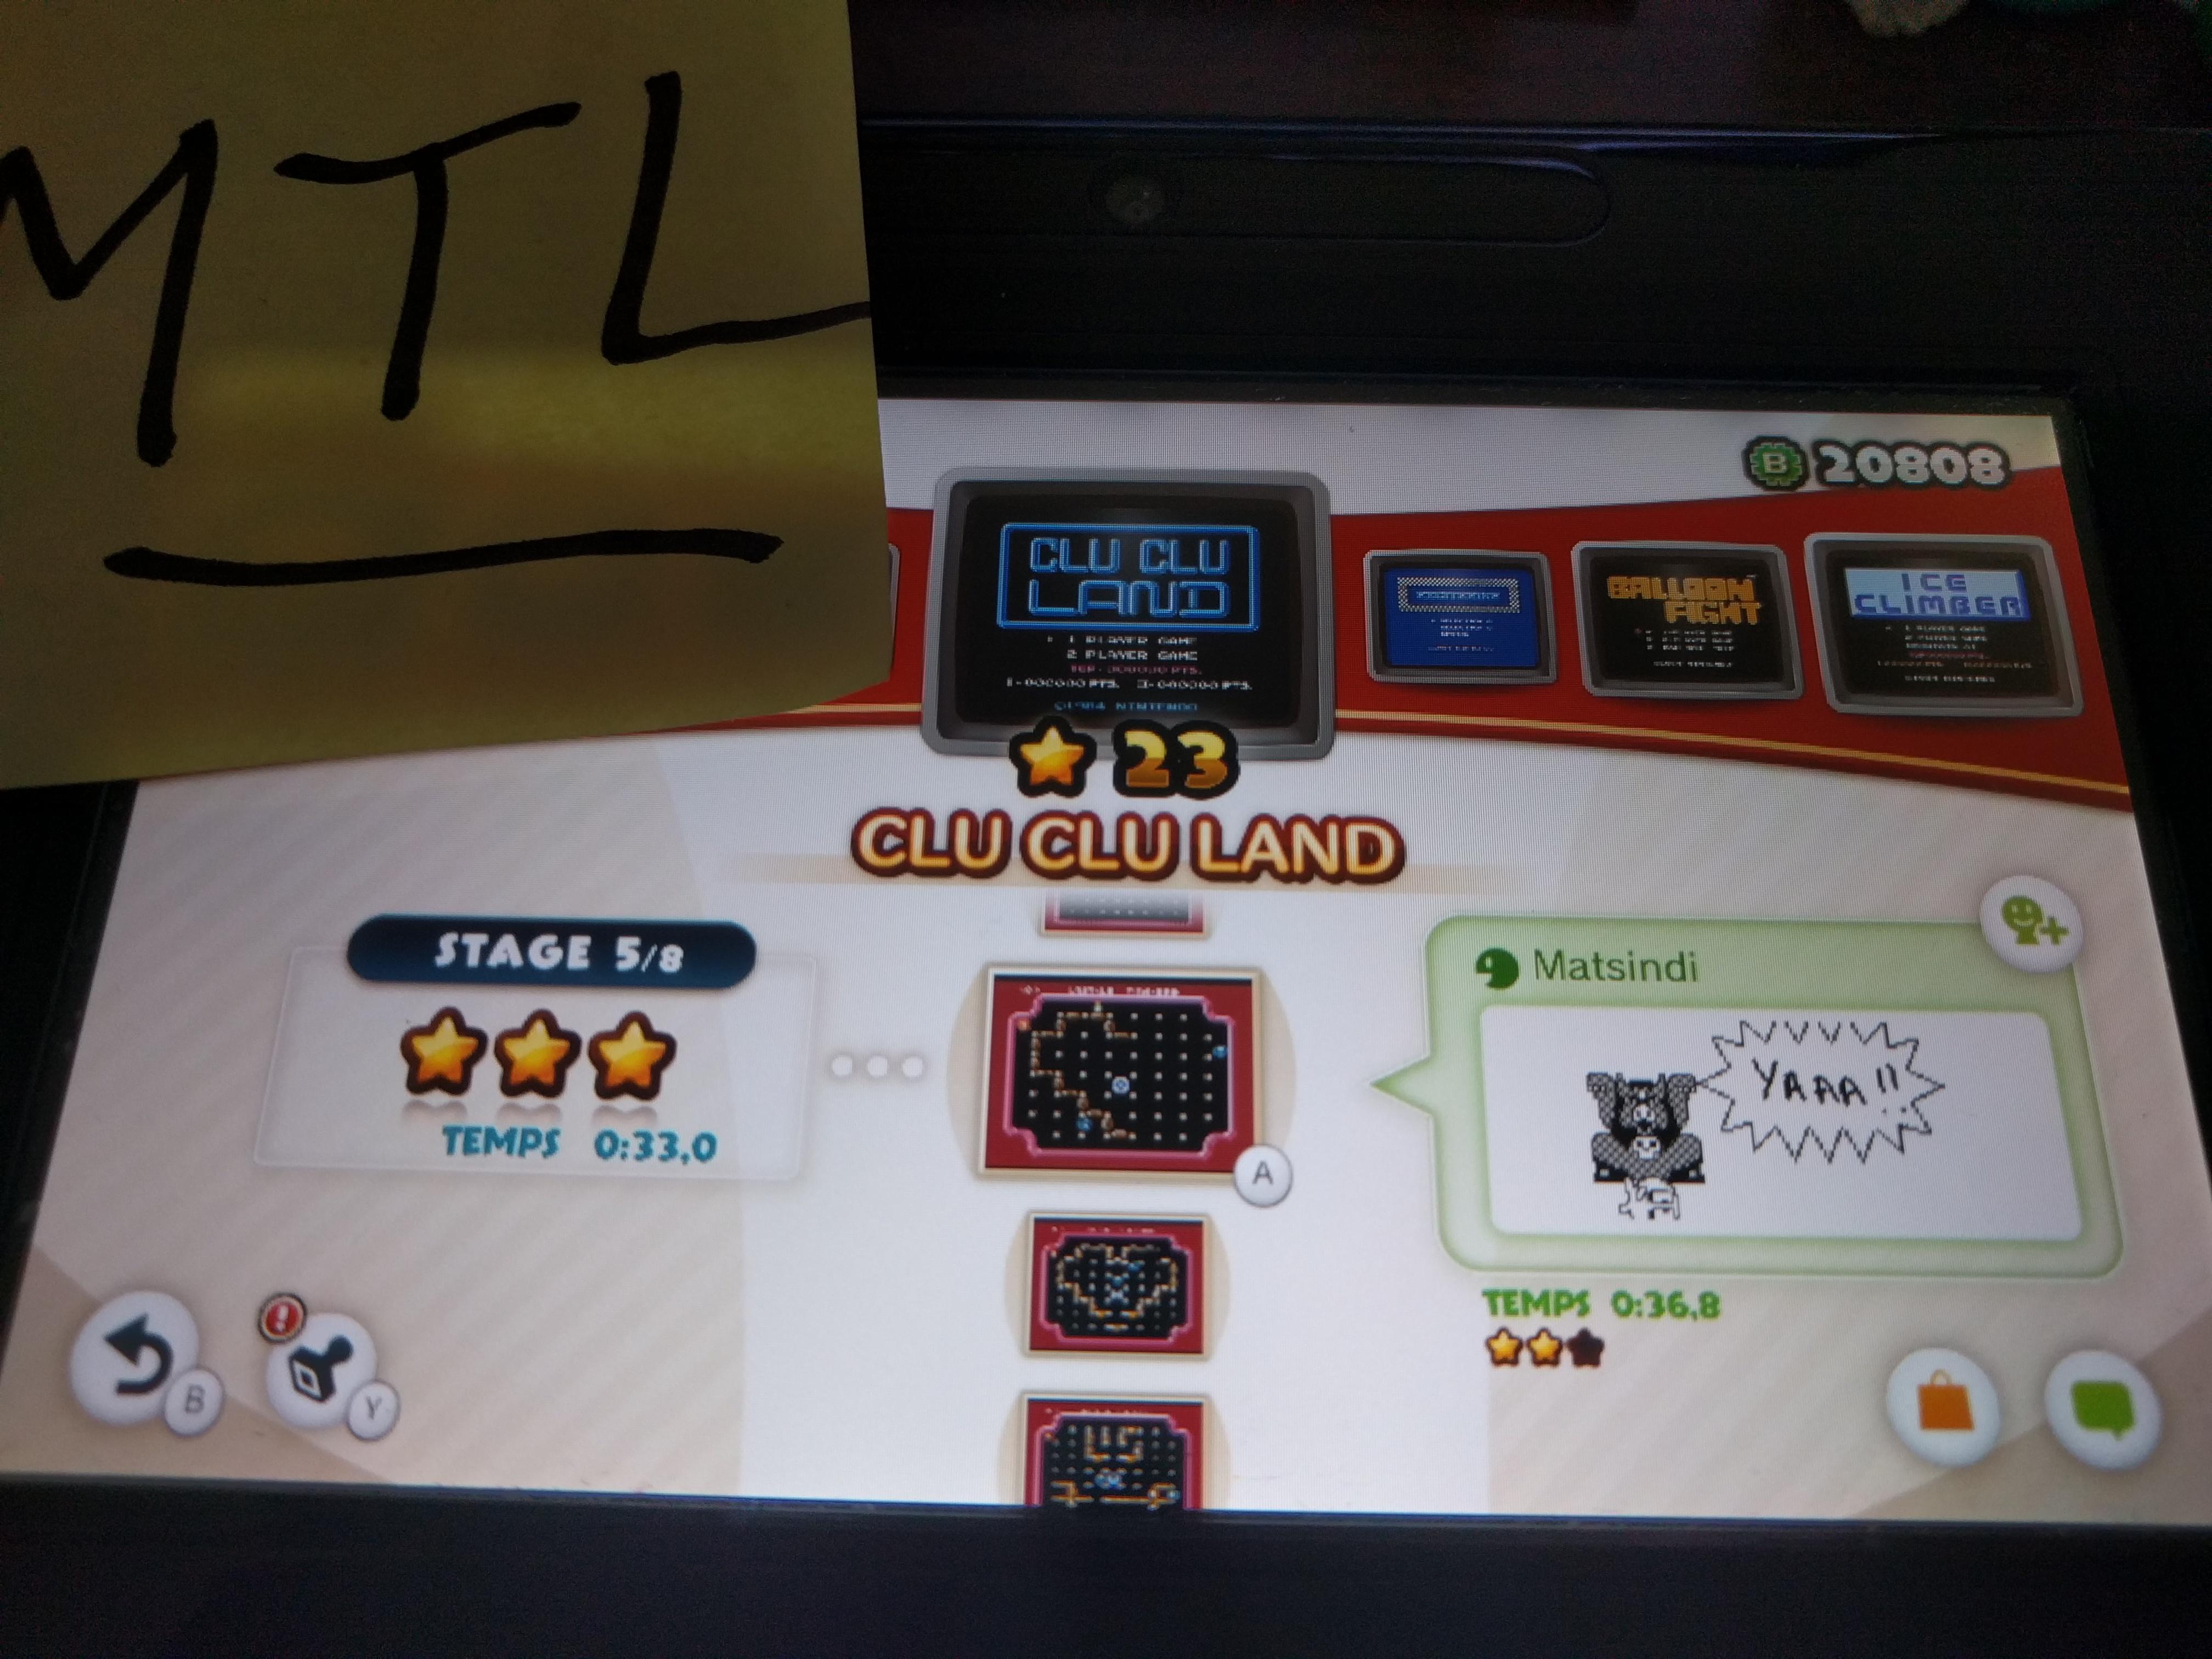 Mantalow: NES Remix: Clu Clu Land: Stage 5 (Wii U) 0:00:33 points on 2016-06-09 02:01:43